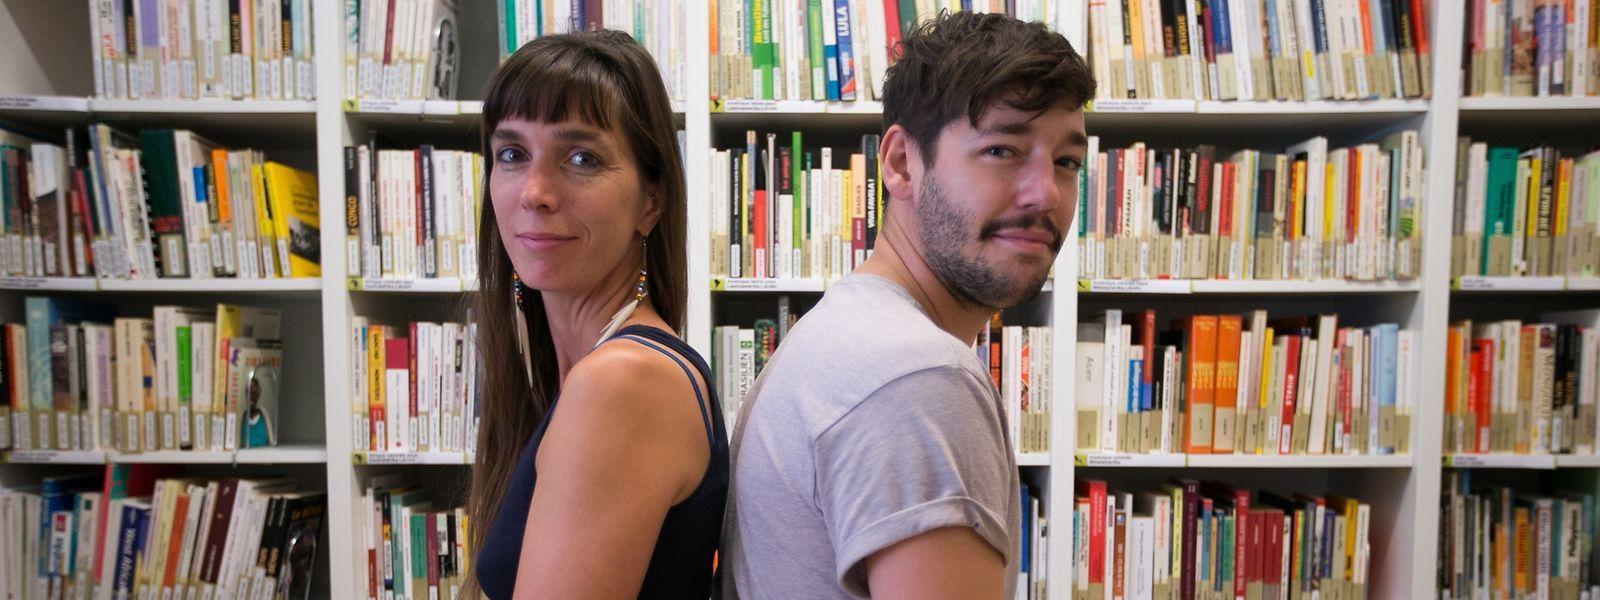 Nathalie Oberweis (l.) vom Comité pour une Paix Juste au Proche-Orient (CPJPO) und Ben Max von der ASTM (Action Solidarité Tiers Monde).